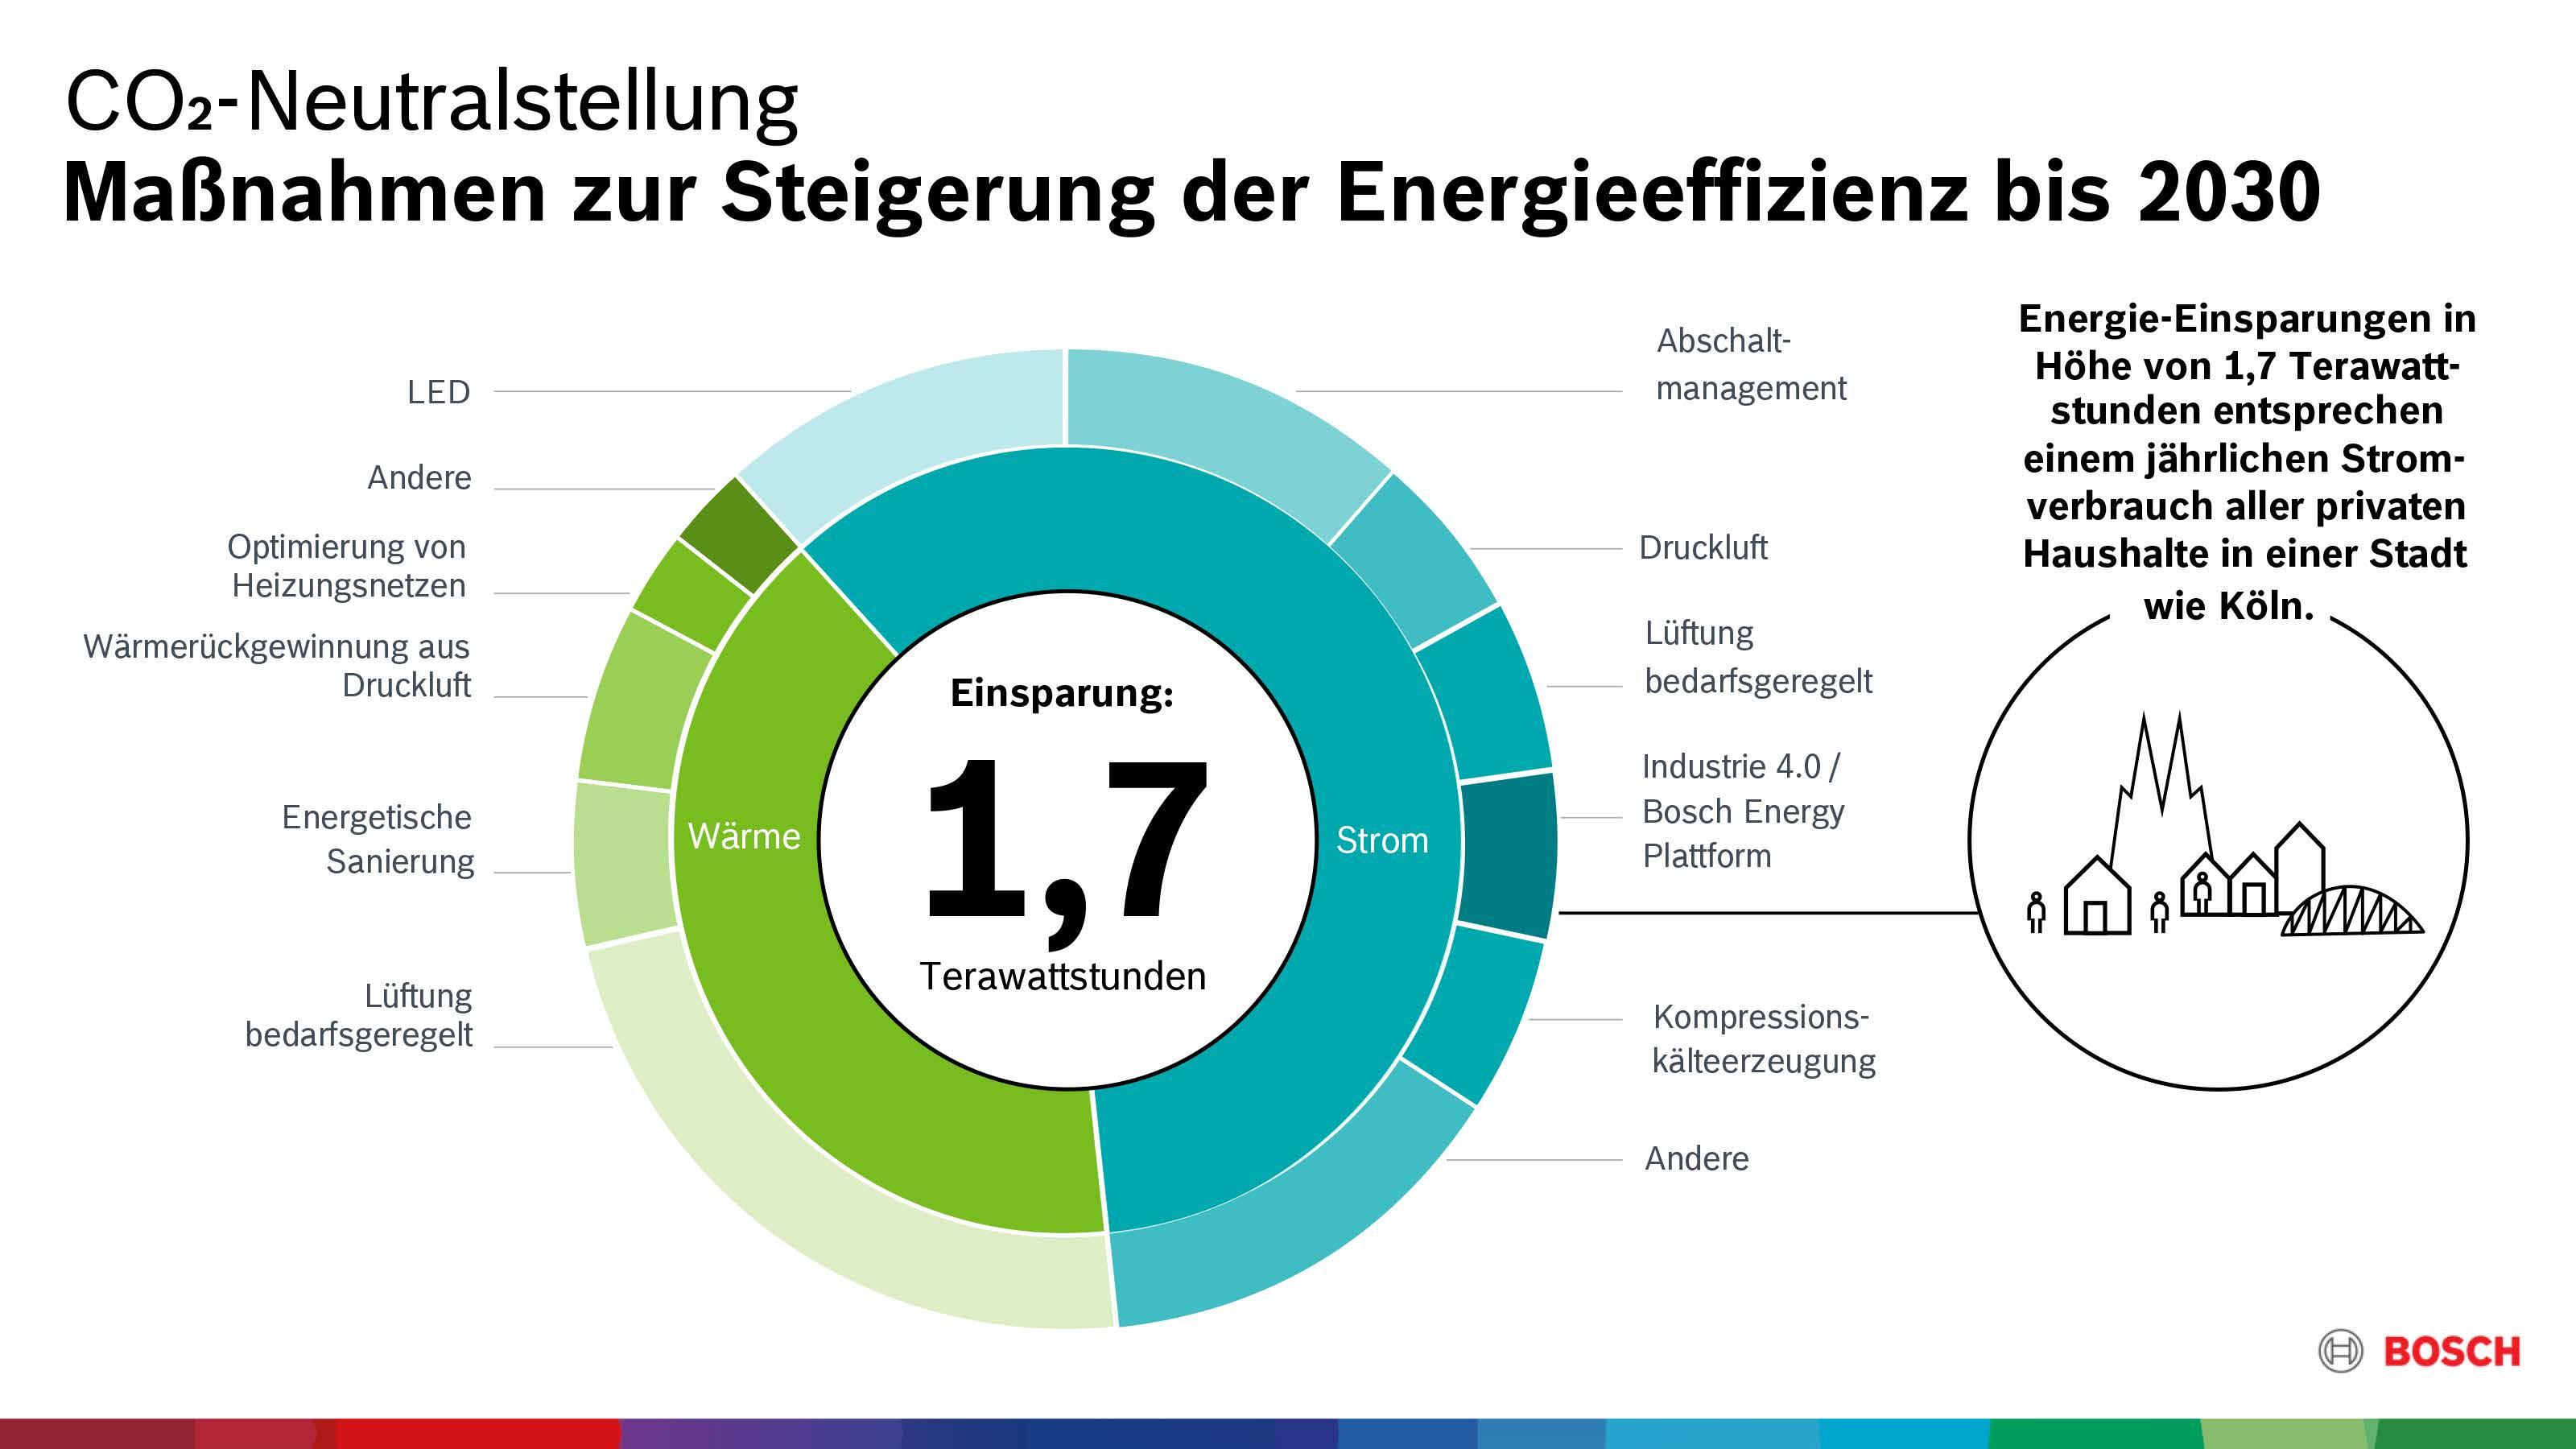 Maßnahmen zur Steigerung der Energieeffizienz bis 2030